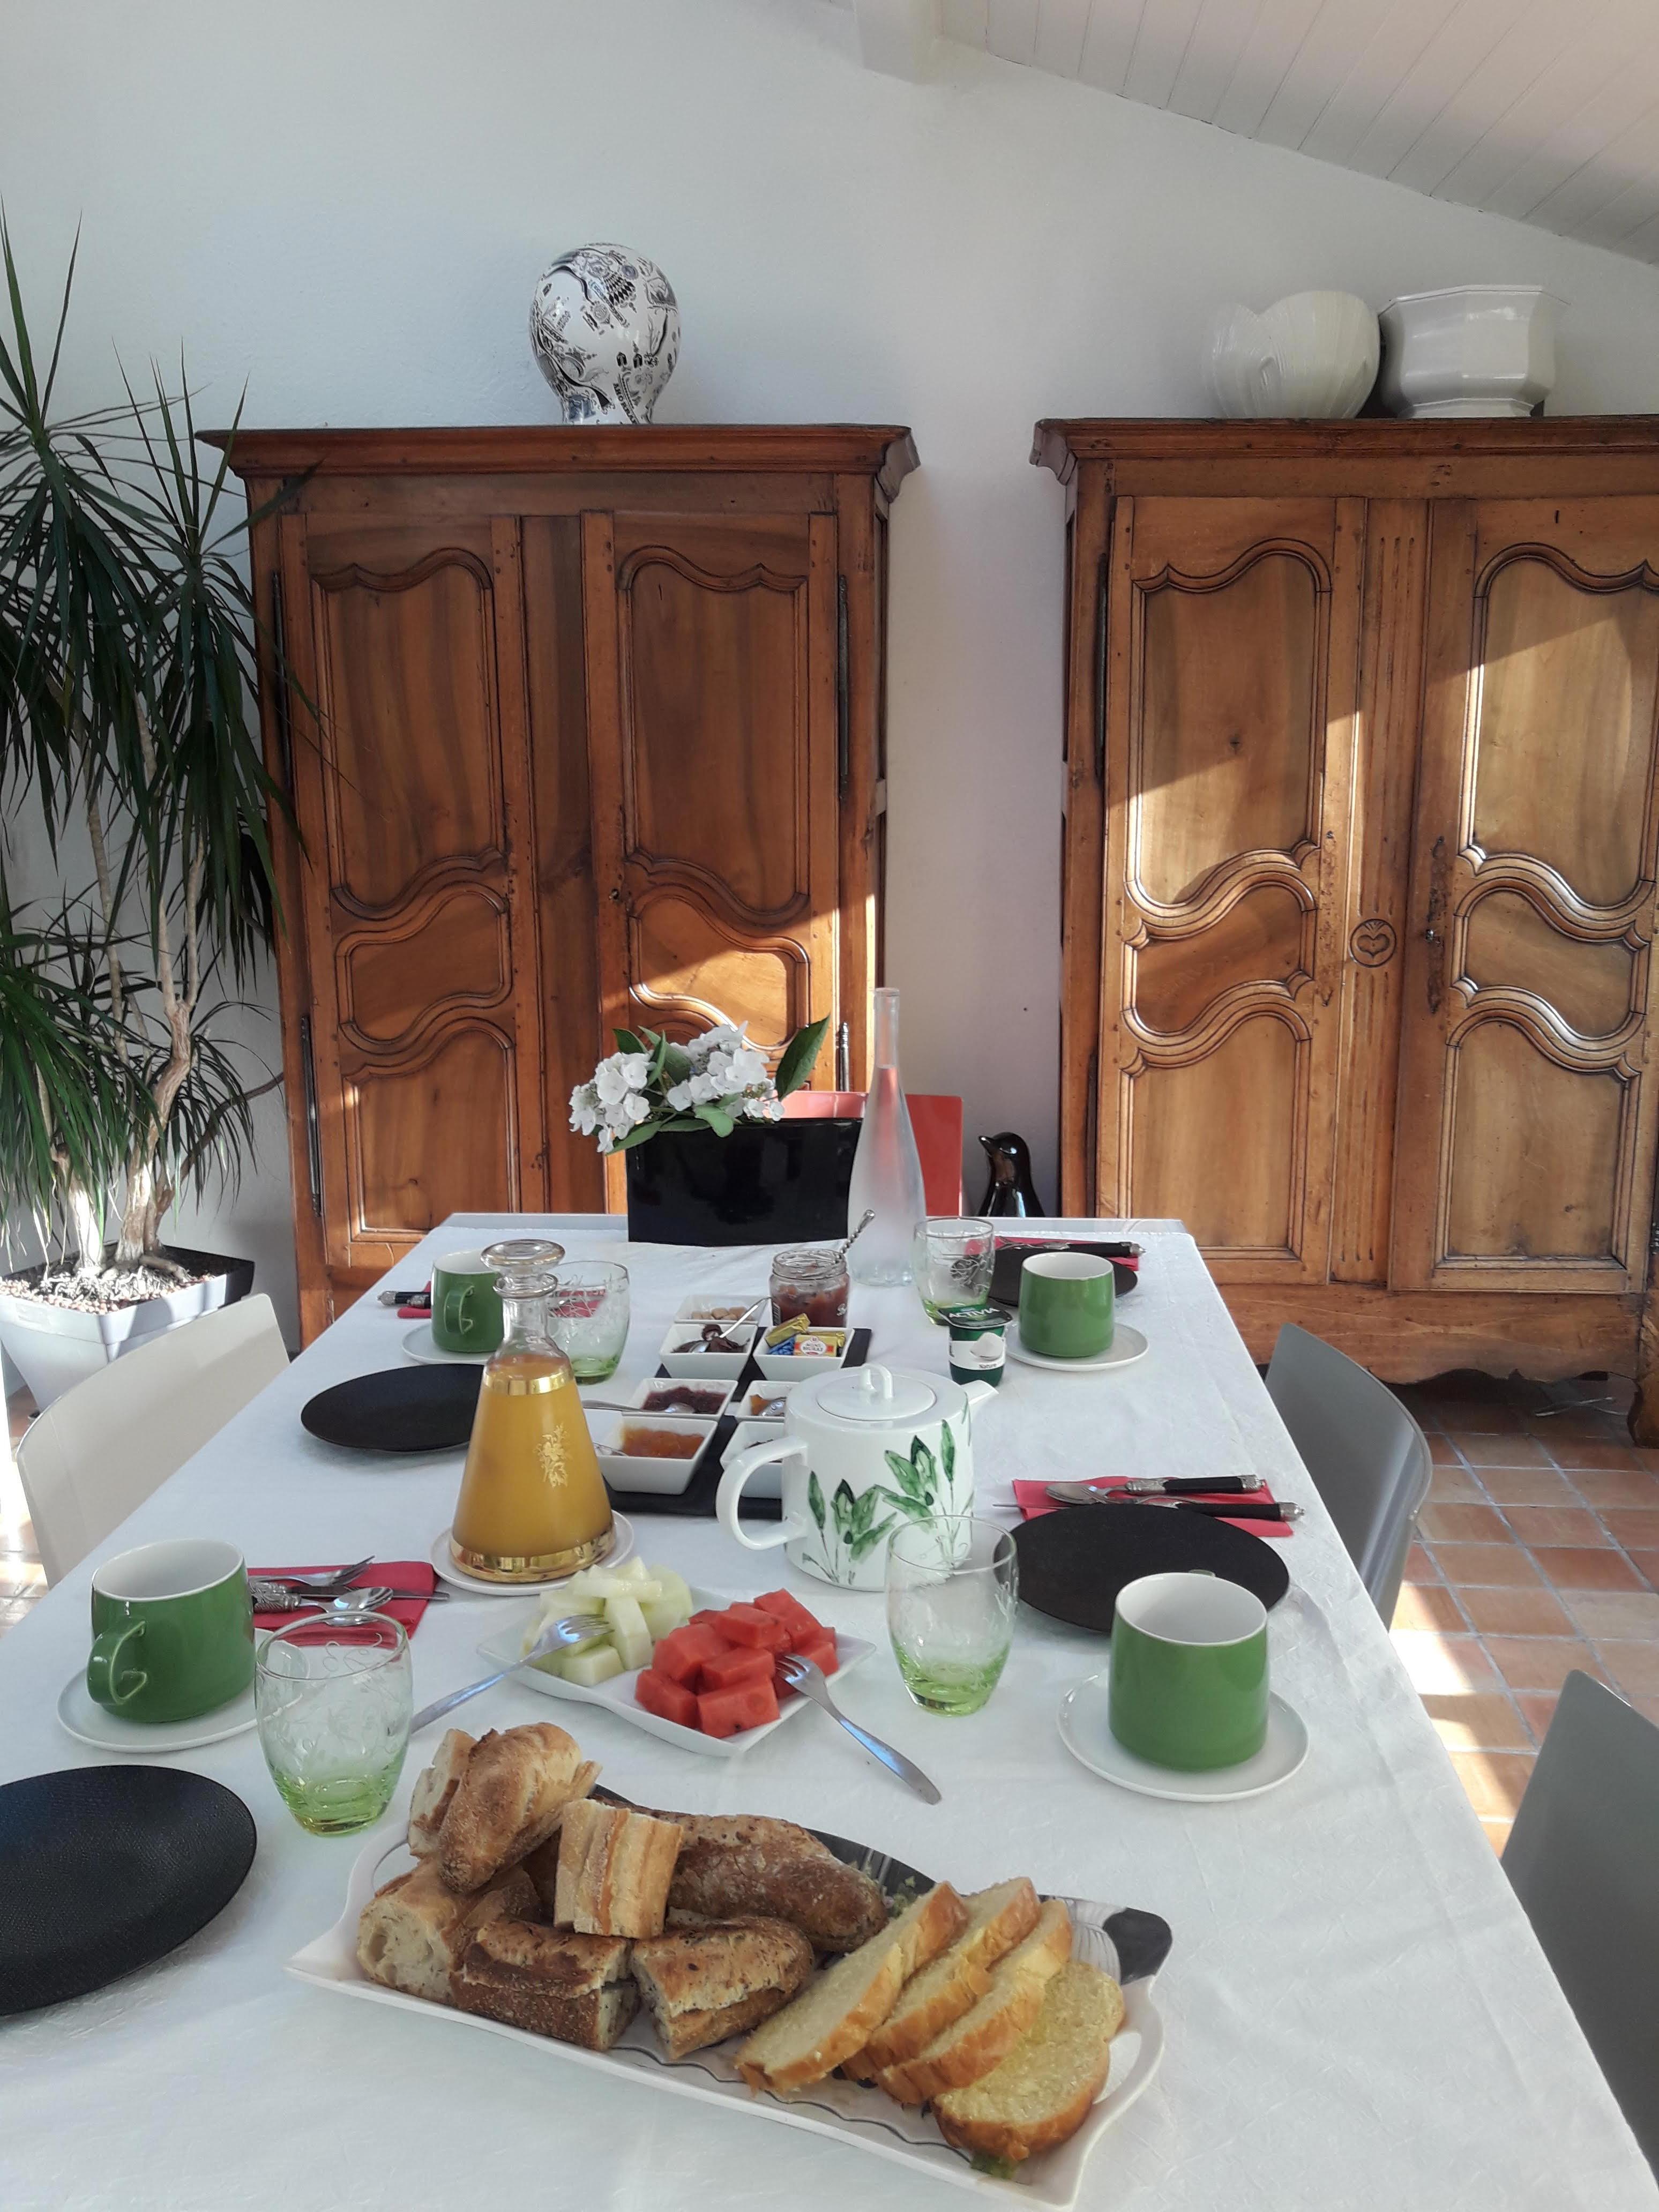 La Maison Des Buis, Cholet à Chambre Des Métiers Cholet